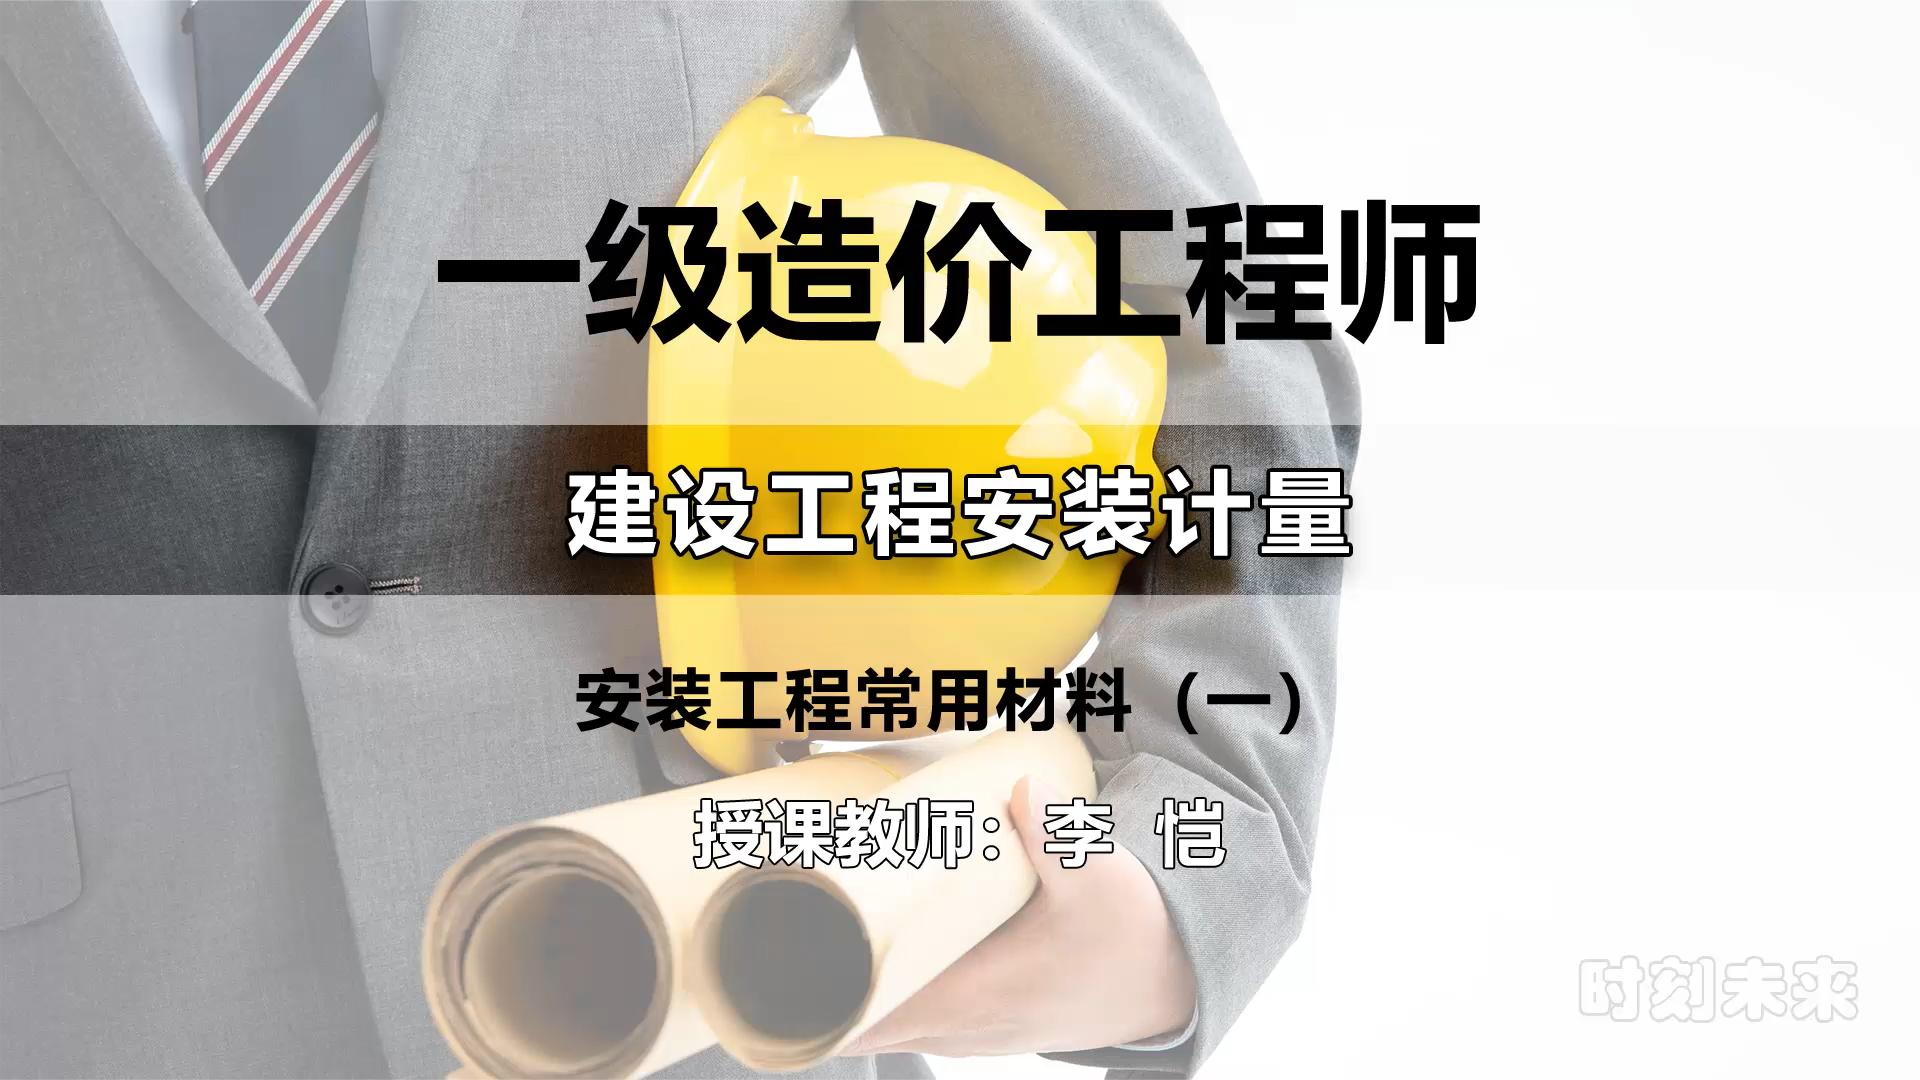 李恺-一级造价工程师-建设工程安装计量-教材精讲班第三期